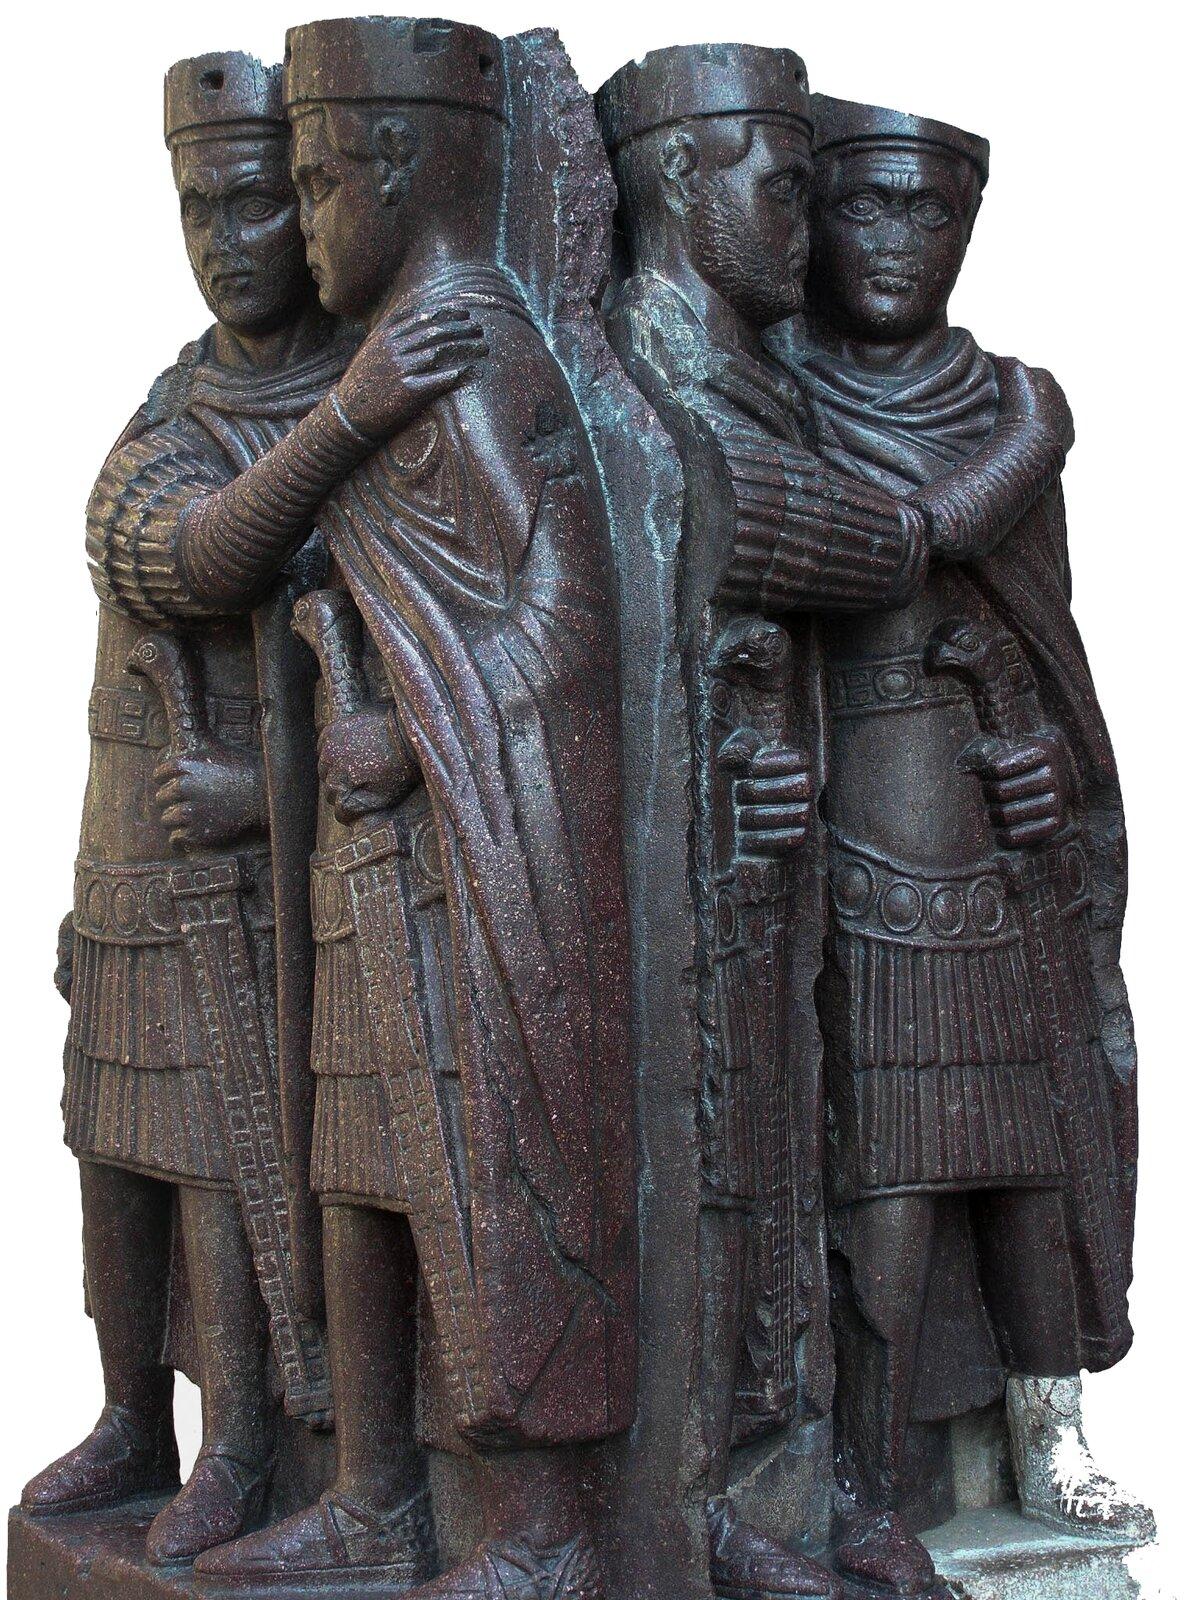 Rzeźba przedstawiająca tetrarchów, wmurowana wnarożnik fasady bazyliki św. Marka wWenecji Rzeźba przedstawiająca tetrarchów, wmurowana wnarożnik fasady bazyliki św. Marka wWenecji Źródło: Lure, Wikimedia Commons, licencja: CC BY-SA 3.0.